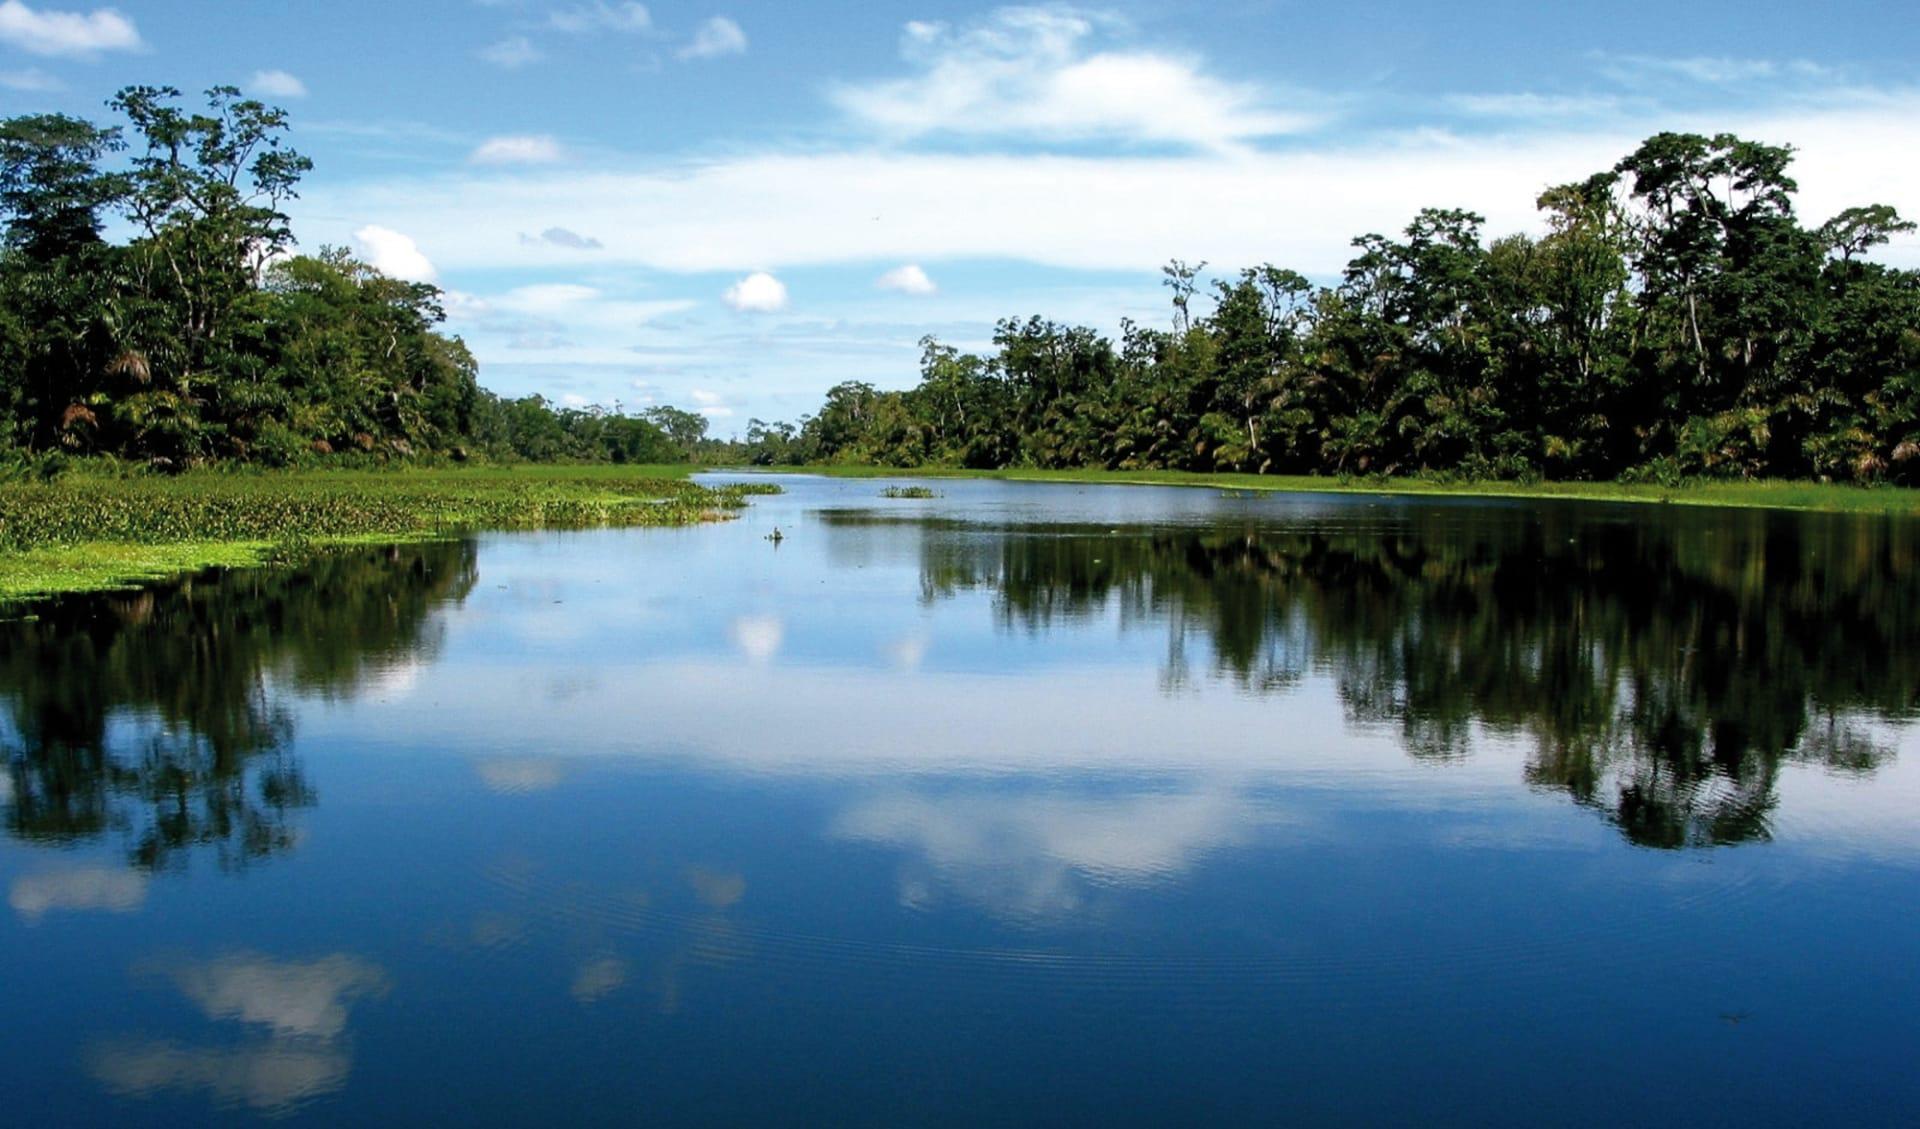 Mietwagenreise Traumhaftes Costa Rica ab San José City: Costa Rica - Tortuguero Nationalpark - Flussbett